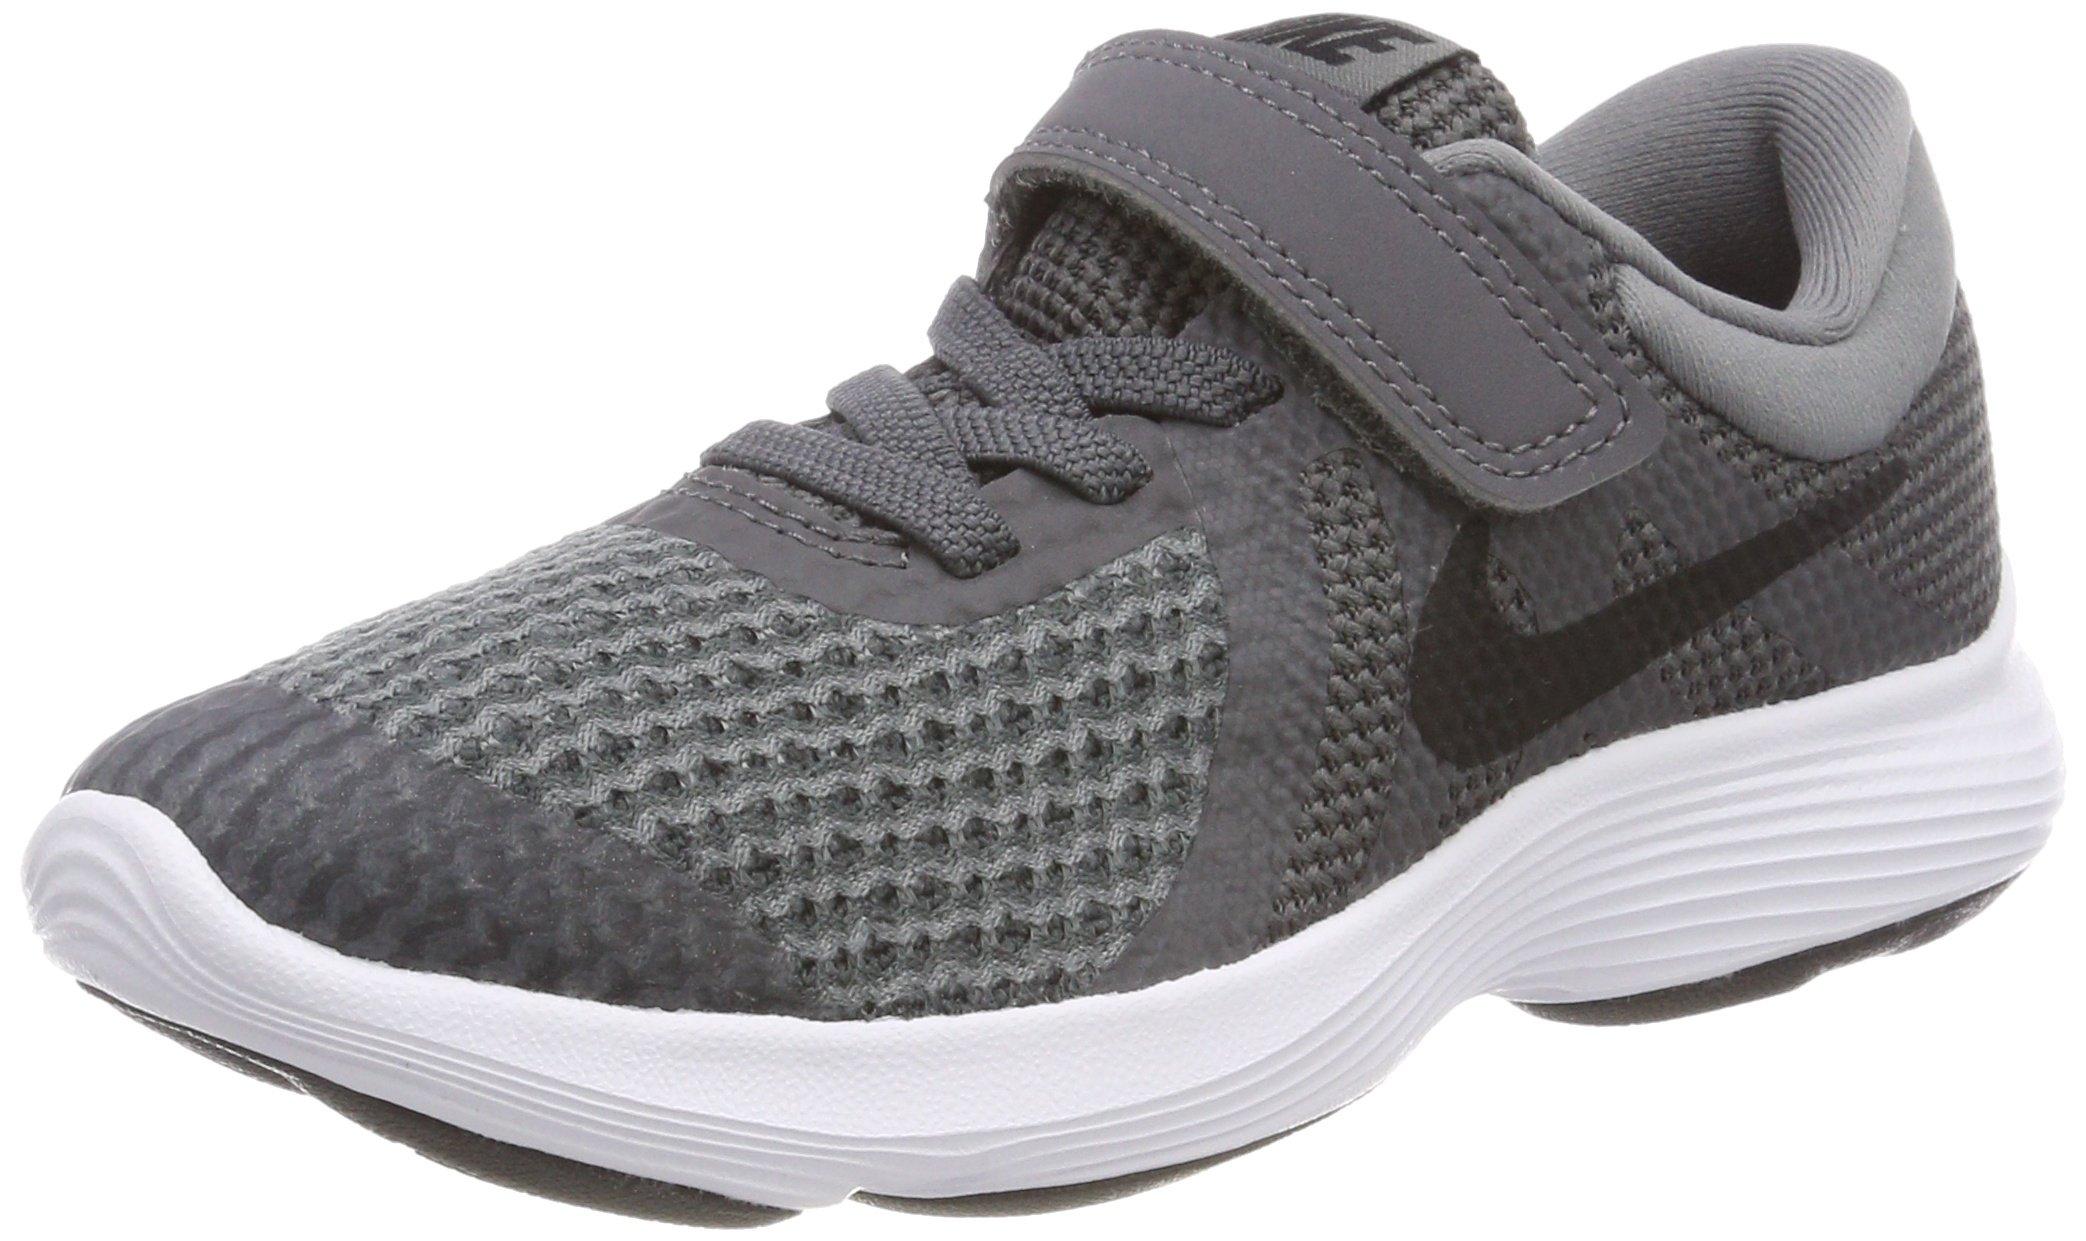 Nike Boys' Revolution 4 (PSV) Running Shoe, Dark Black-Cool Grey-White, 10.5C Regular US Little Kid by Nike